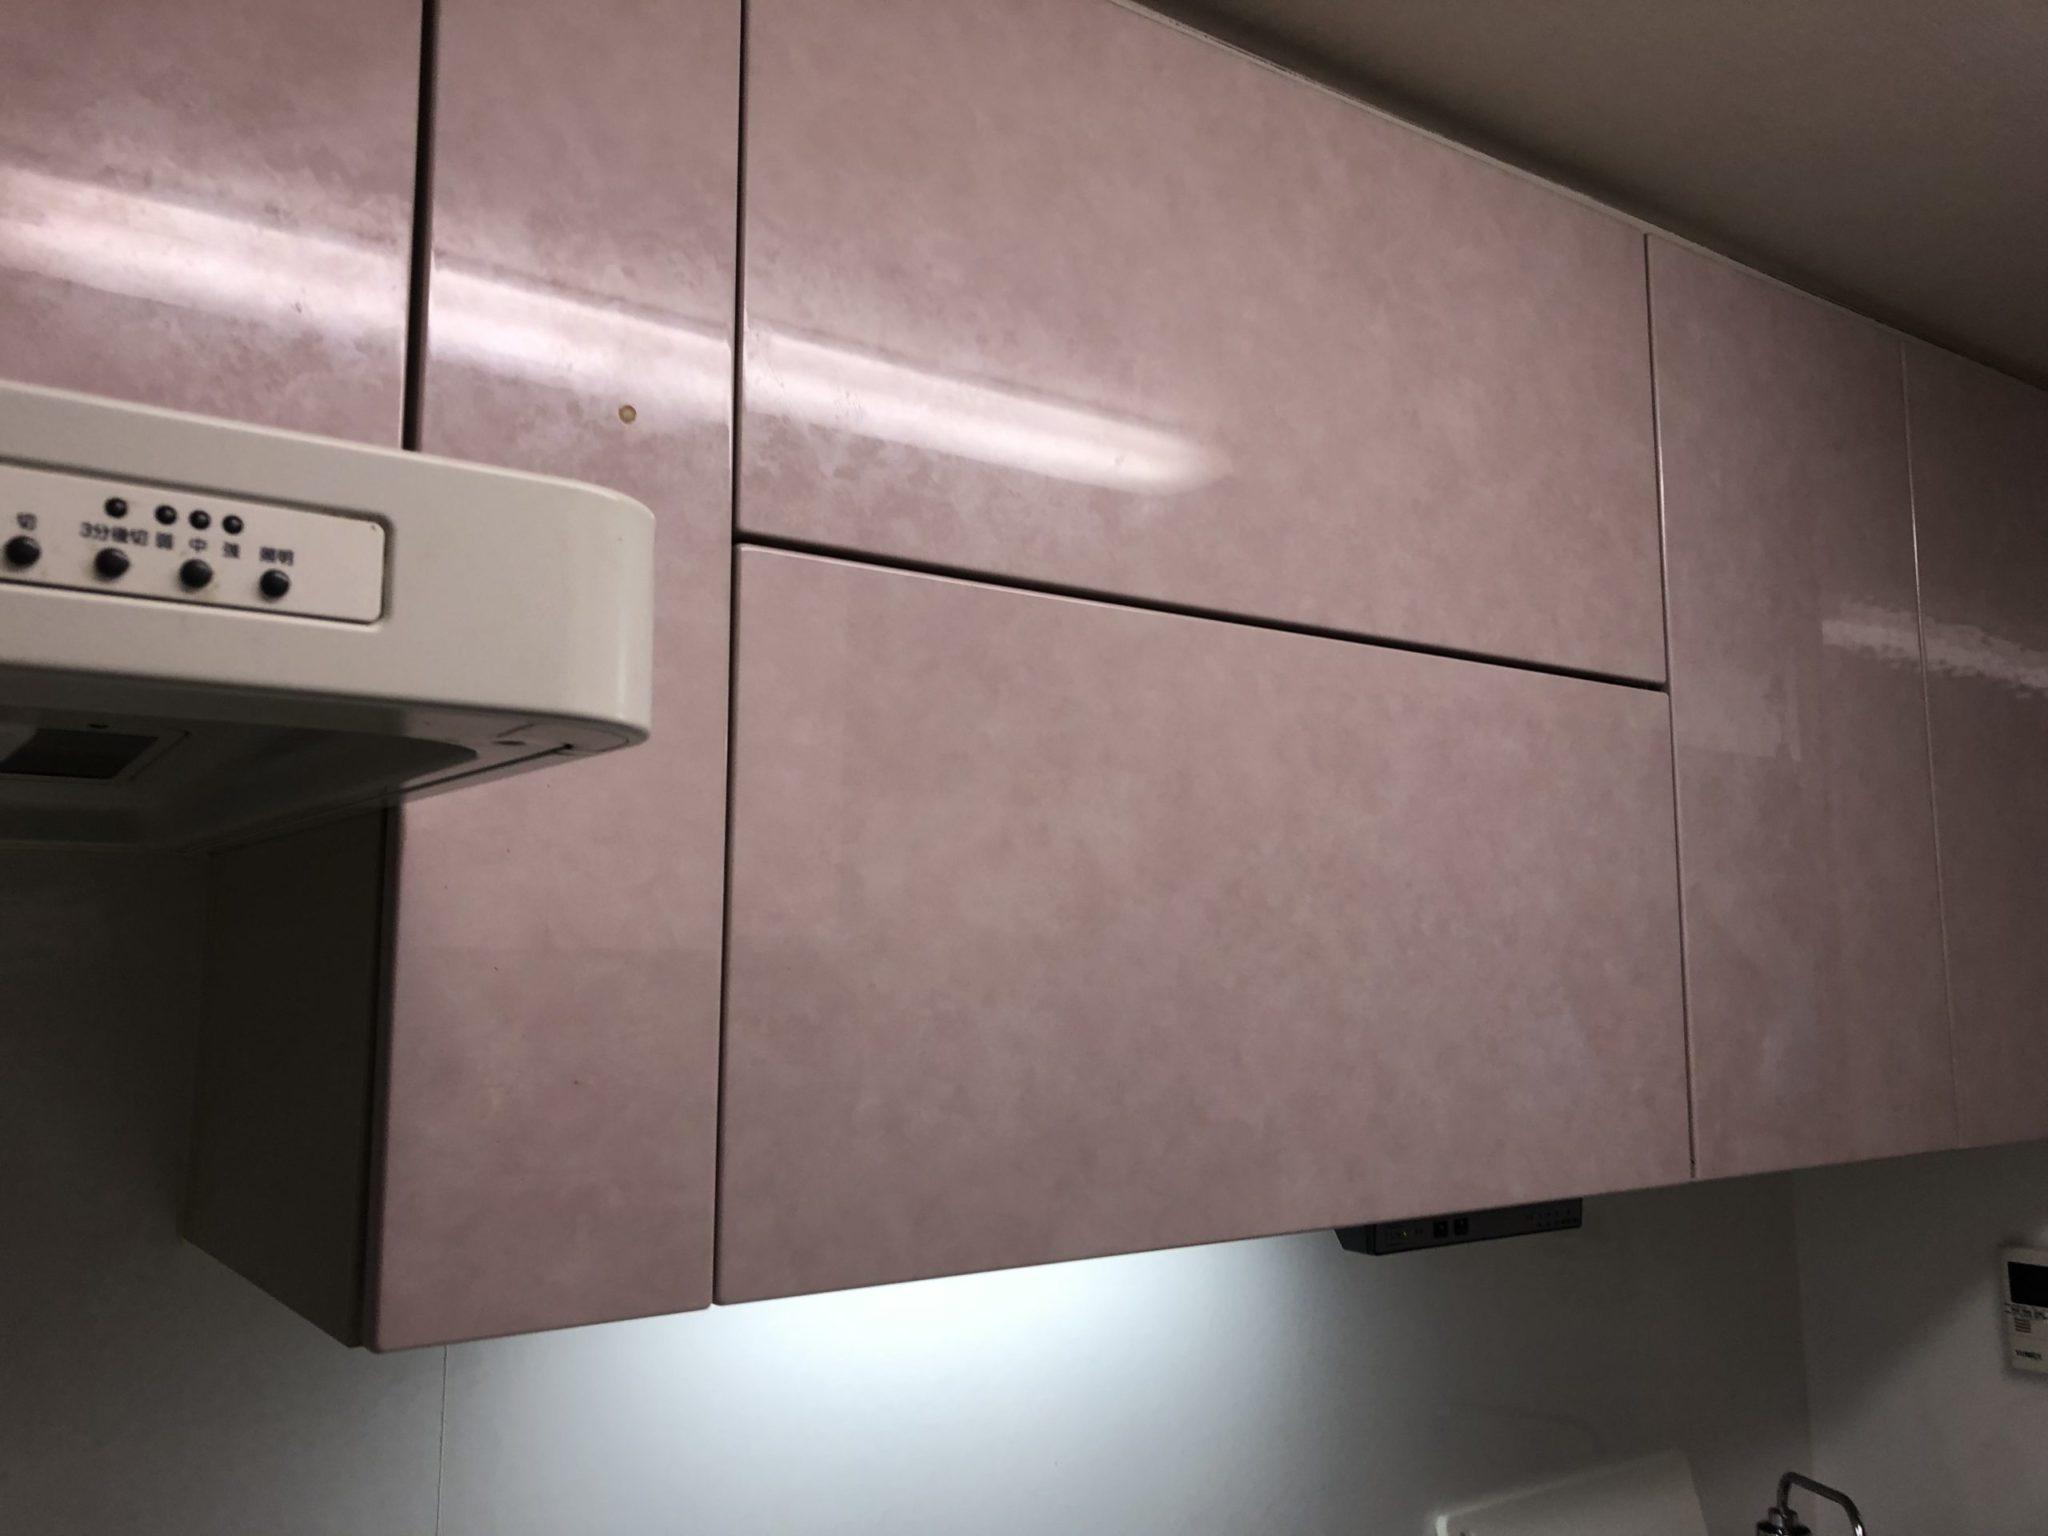 キッチンの電動昇降吊戸棚 サービスマンが聞くユーザーの声